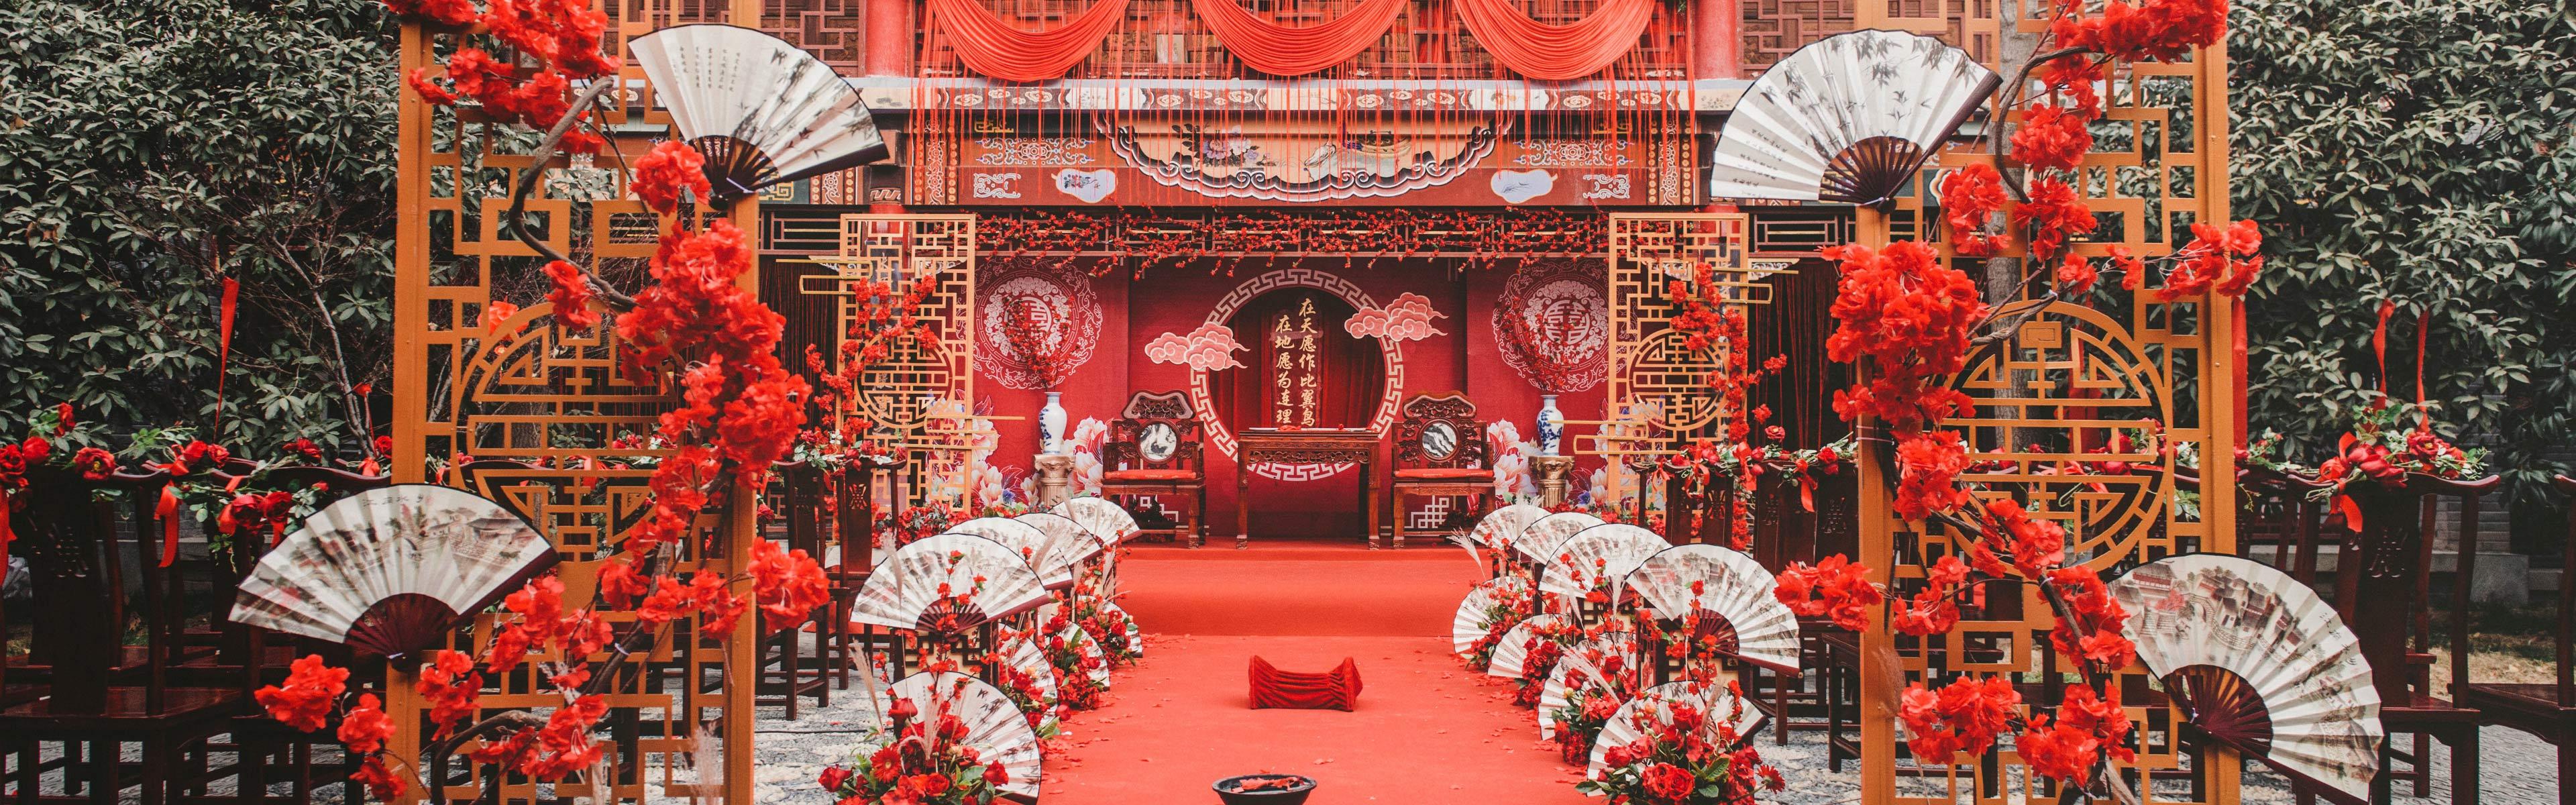 长沙婚庆策划案例:最美婚礼 第9期 | 河南 郑州